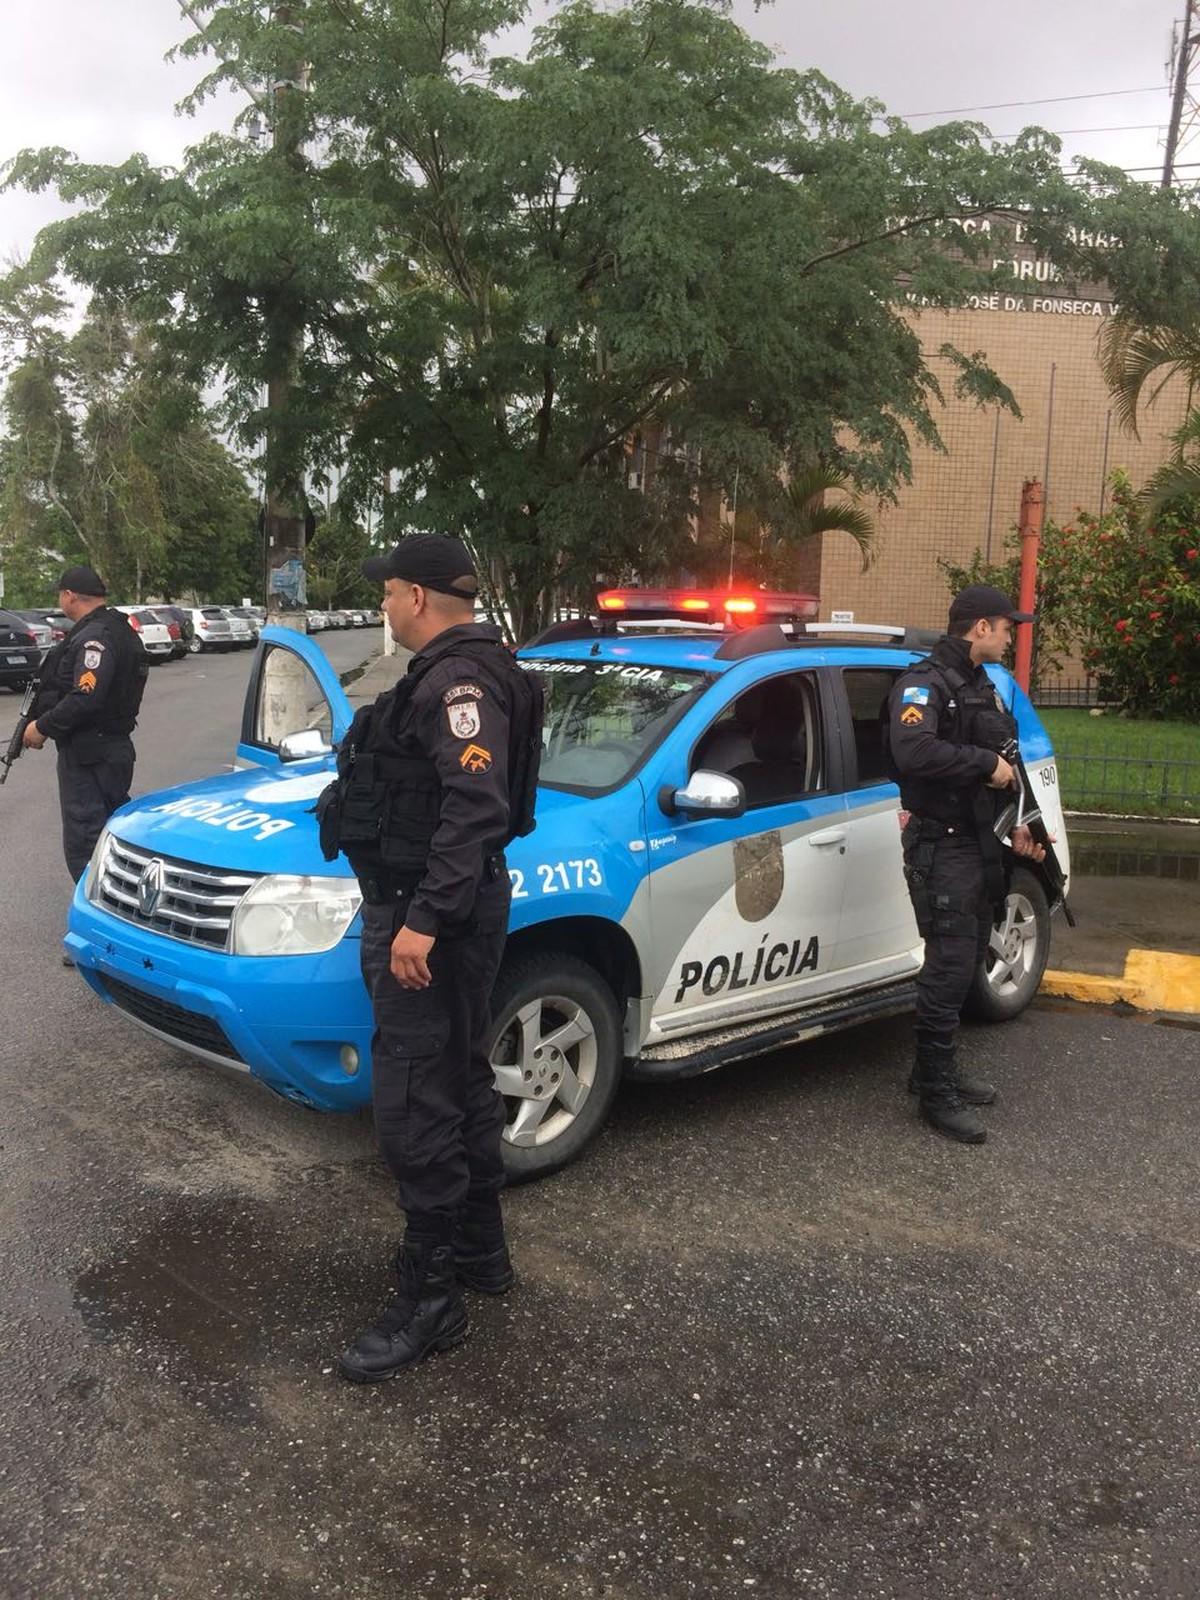 Confronto entre facções deixa escolas e postos de saúde fechados em Cabo Frio, RJ, segundo a PM